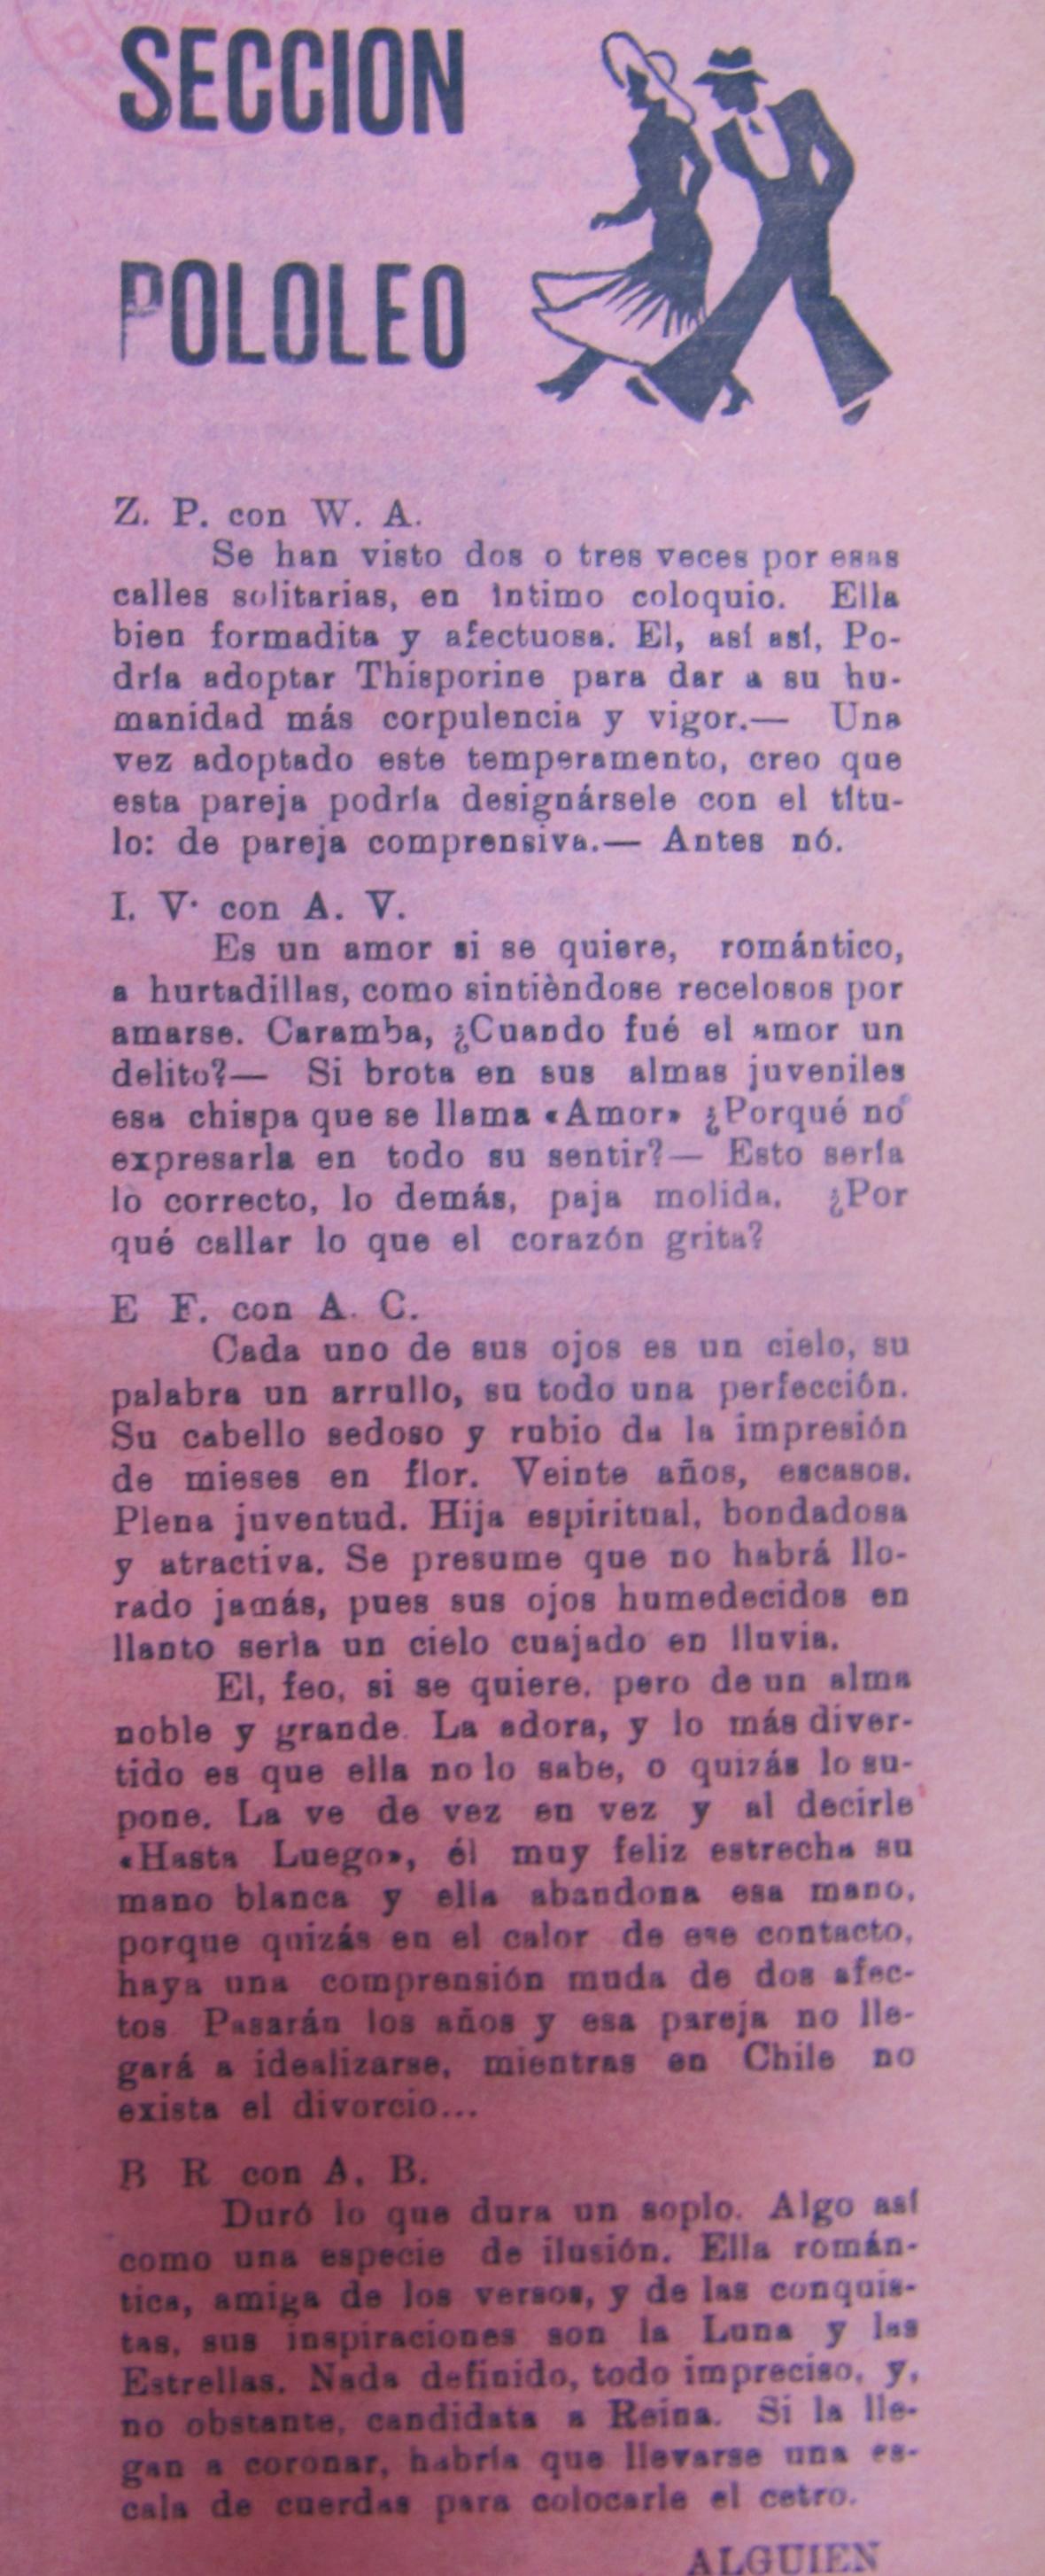 Sección Pololeo Revista La Vichuca, Domeyko (Oct.01,1937)